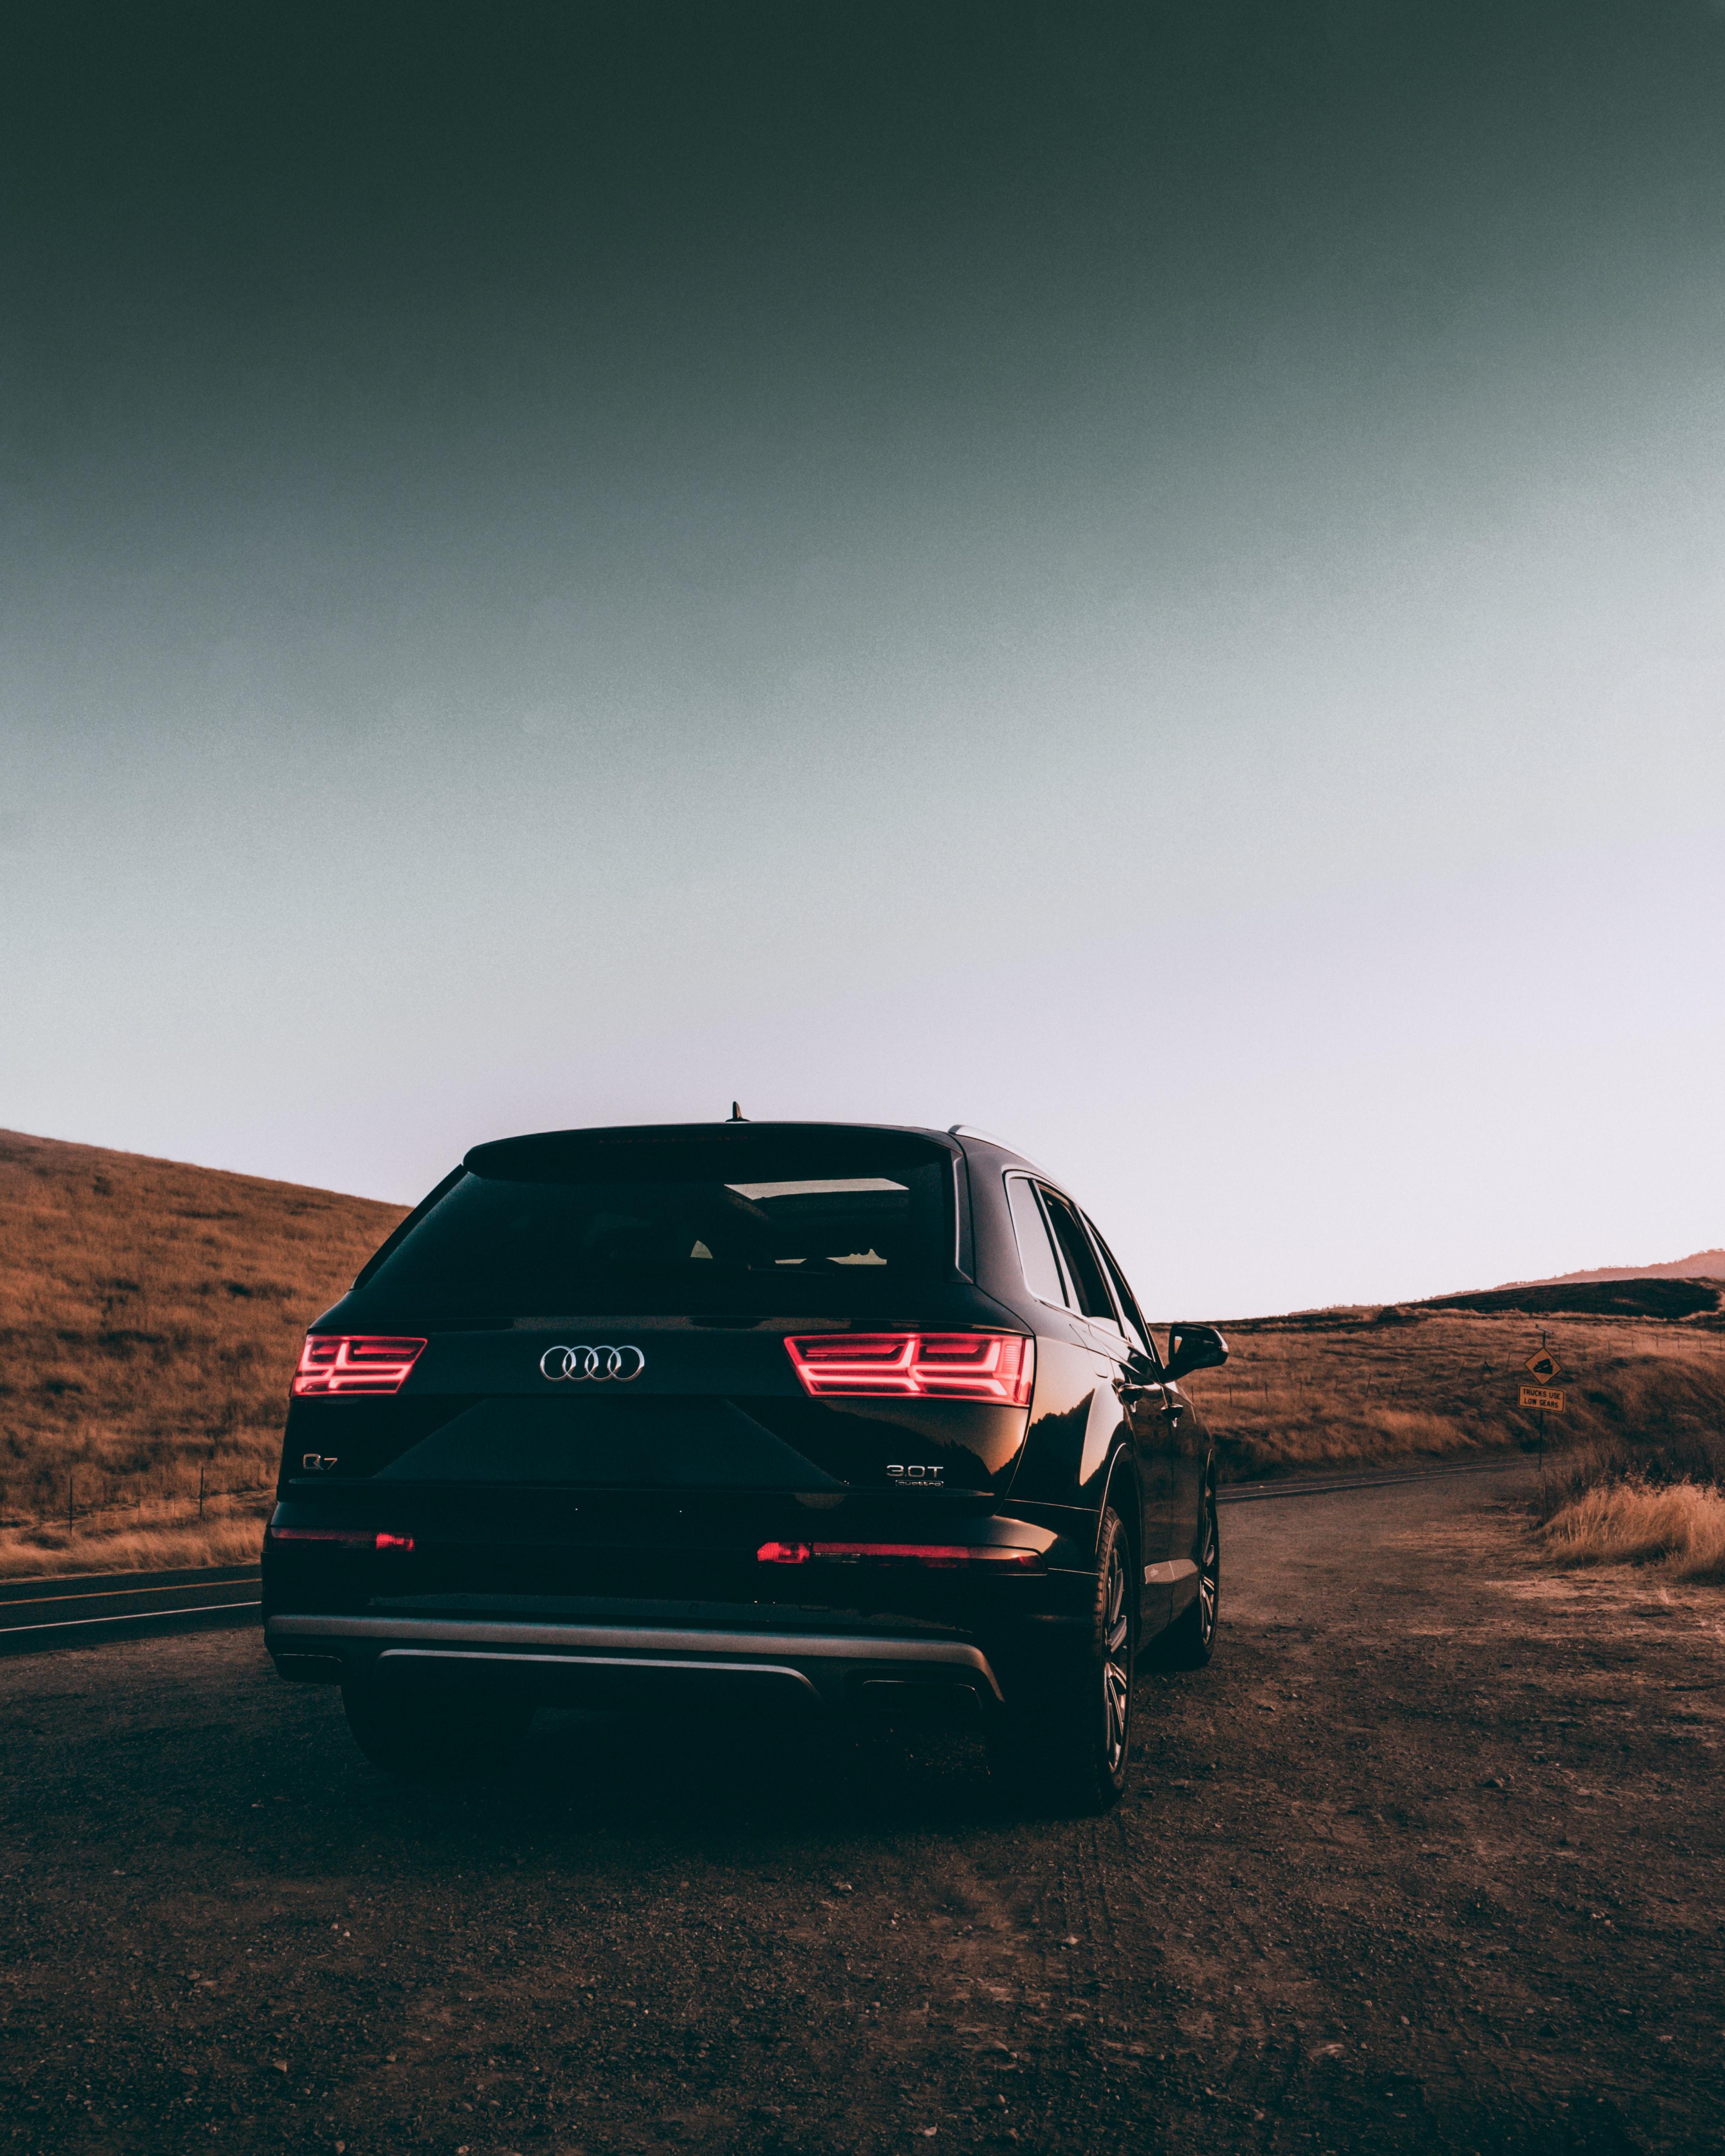 143298 скачать обои Тачки (Cars), Audi Q7, Ауди (Audi), Автомобиль, Внедорожник, Черный, Дорога - заставки и картинки бесплатно